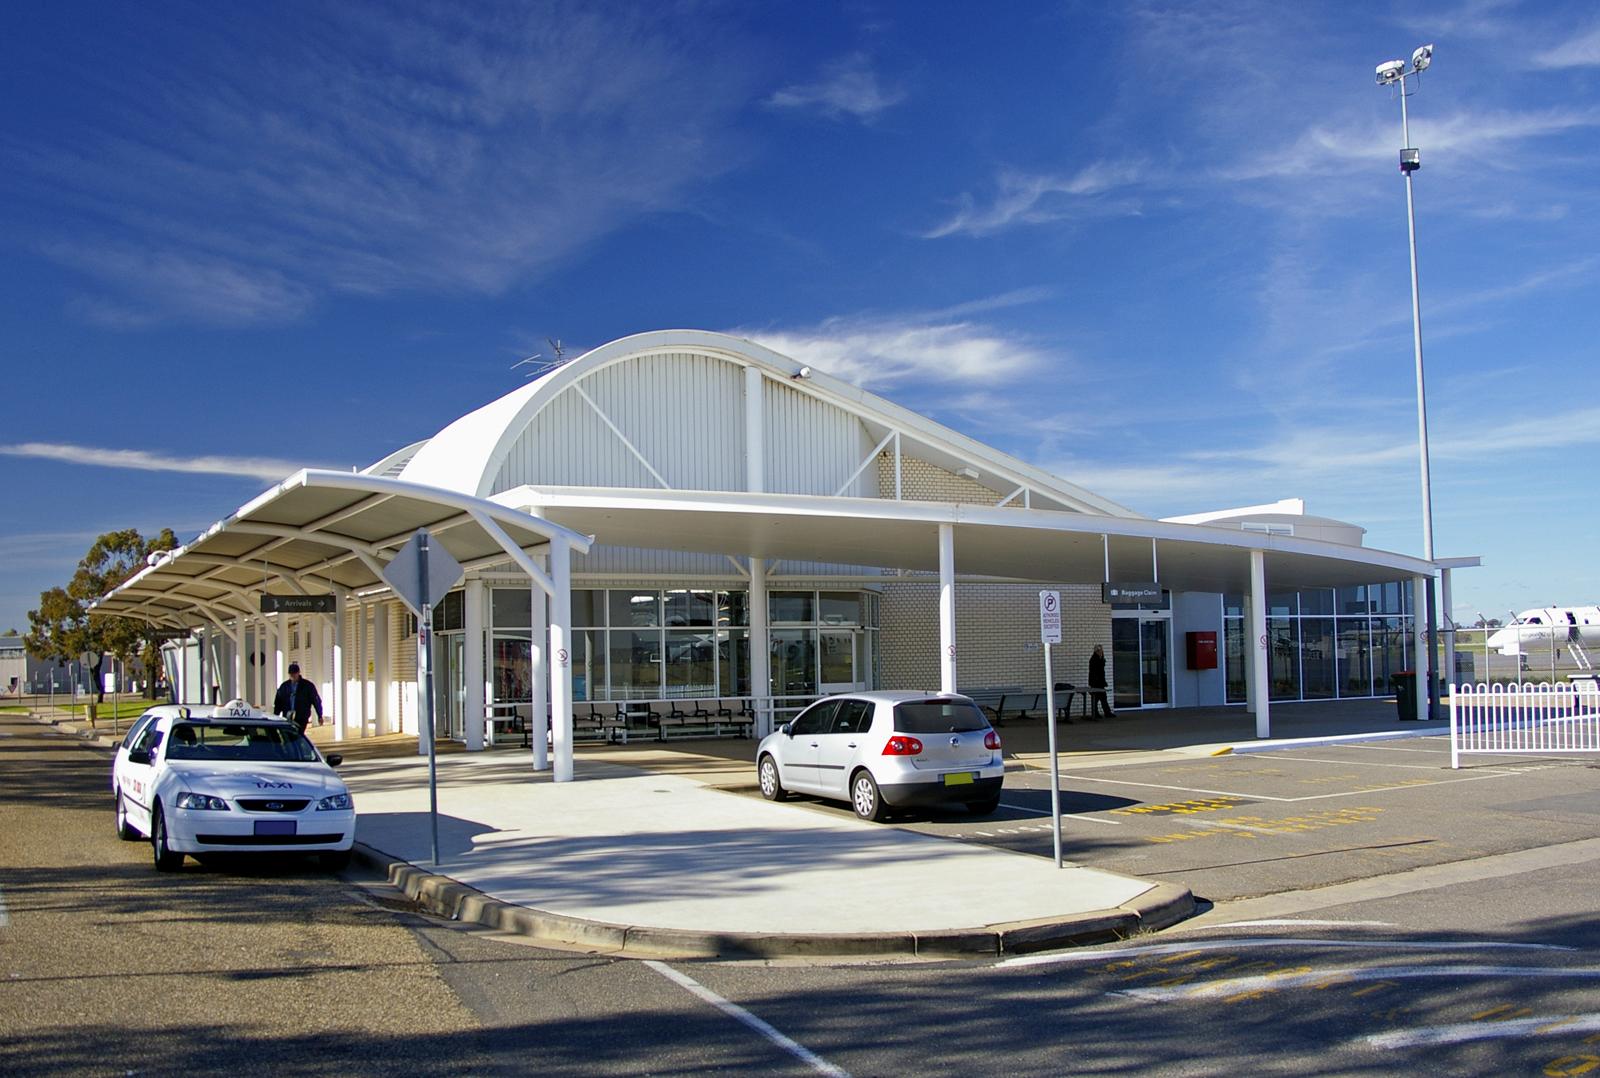 فرودگاه واگا واگا